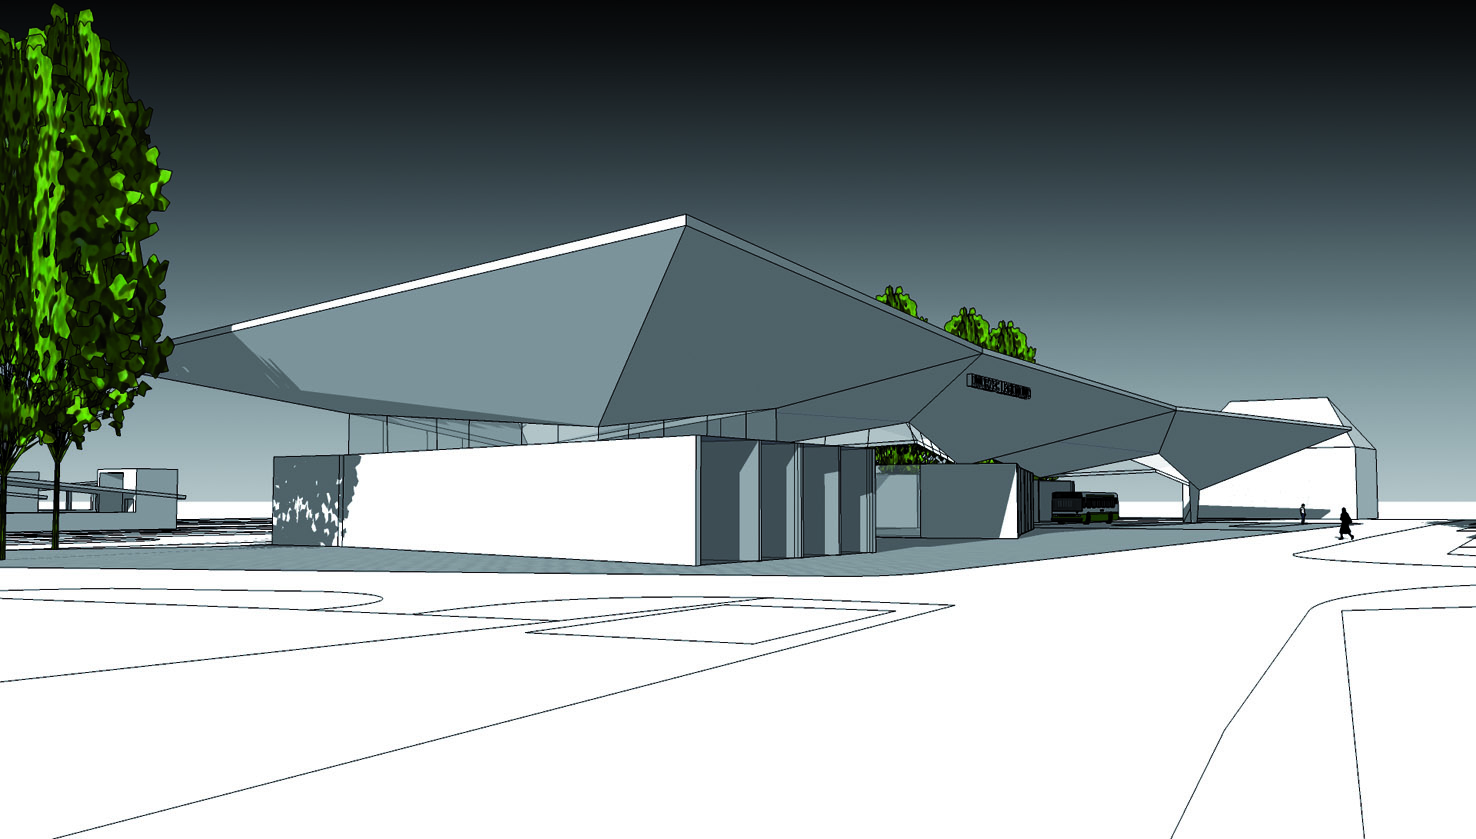 Jedna z pierwszych koncepcji budowy dworca nie znalazła zbyt wielu zwolenników